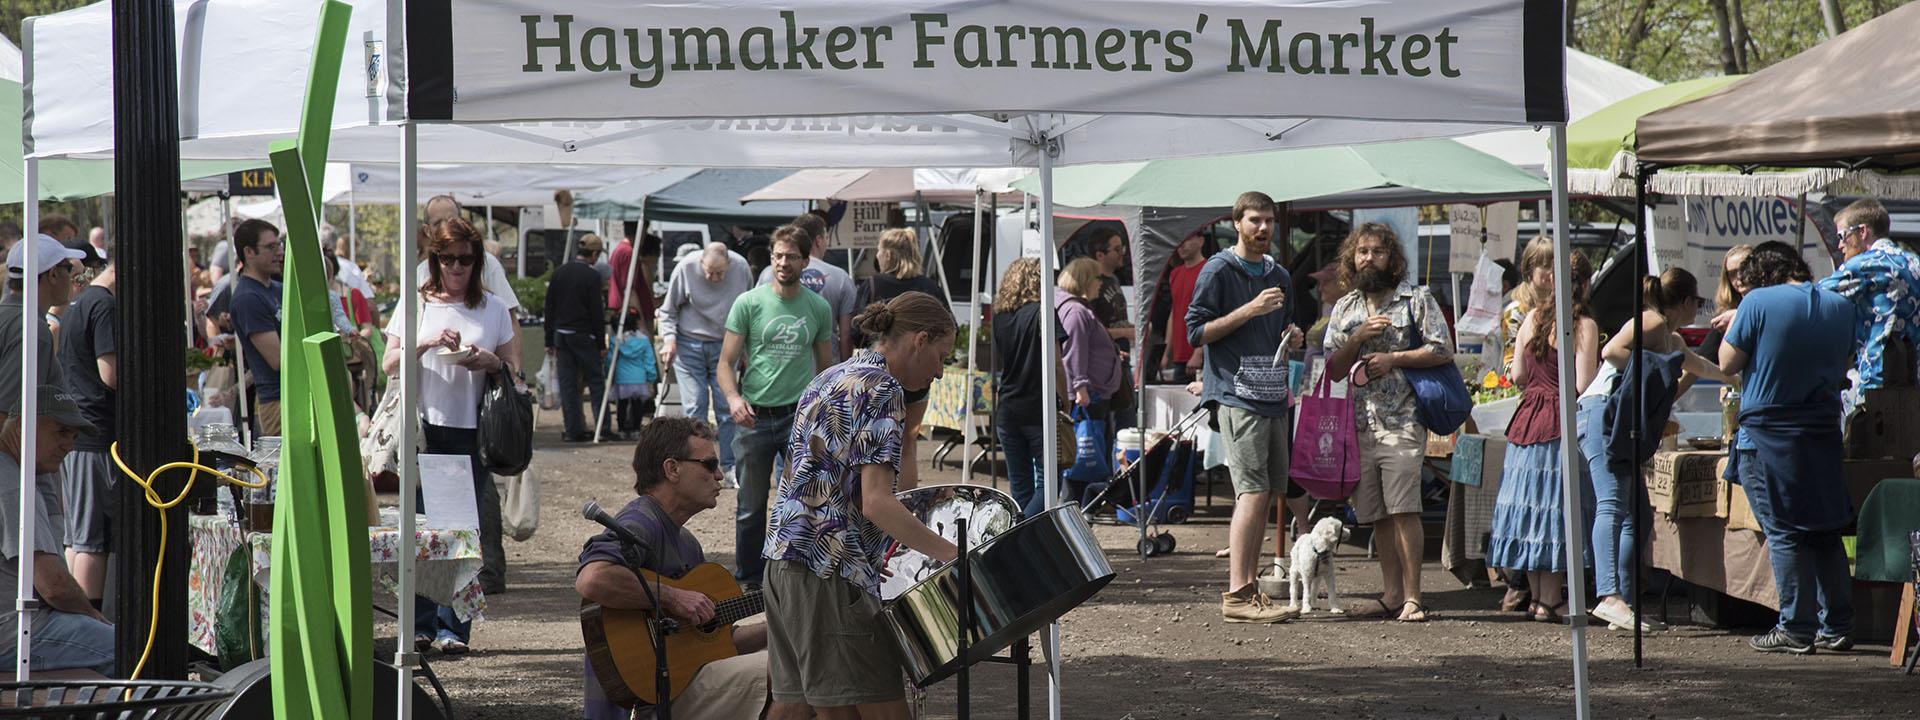 Haymaker Farmers' Market Kent Ohio. Photography by Matt Keffer